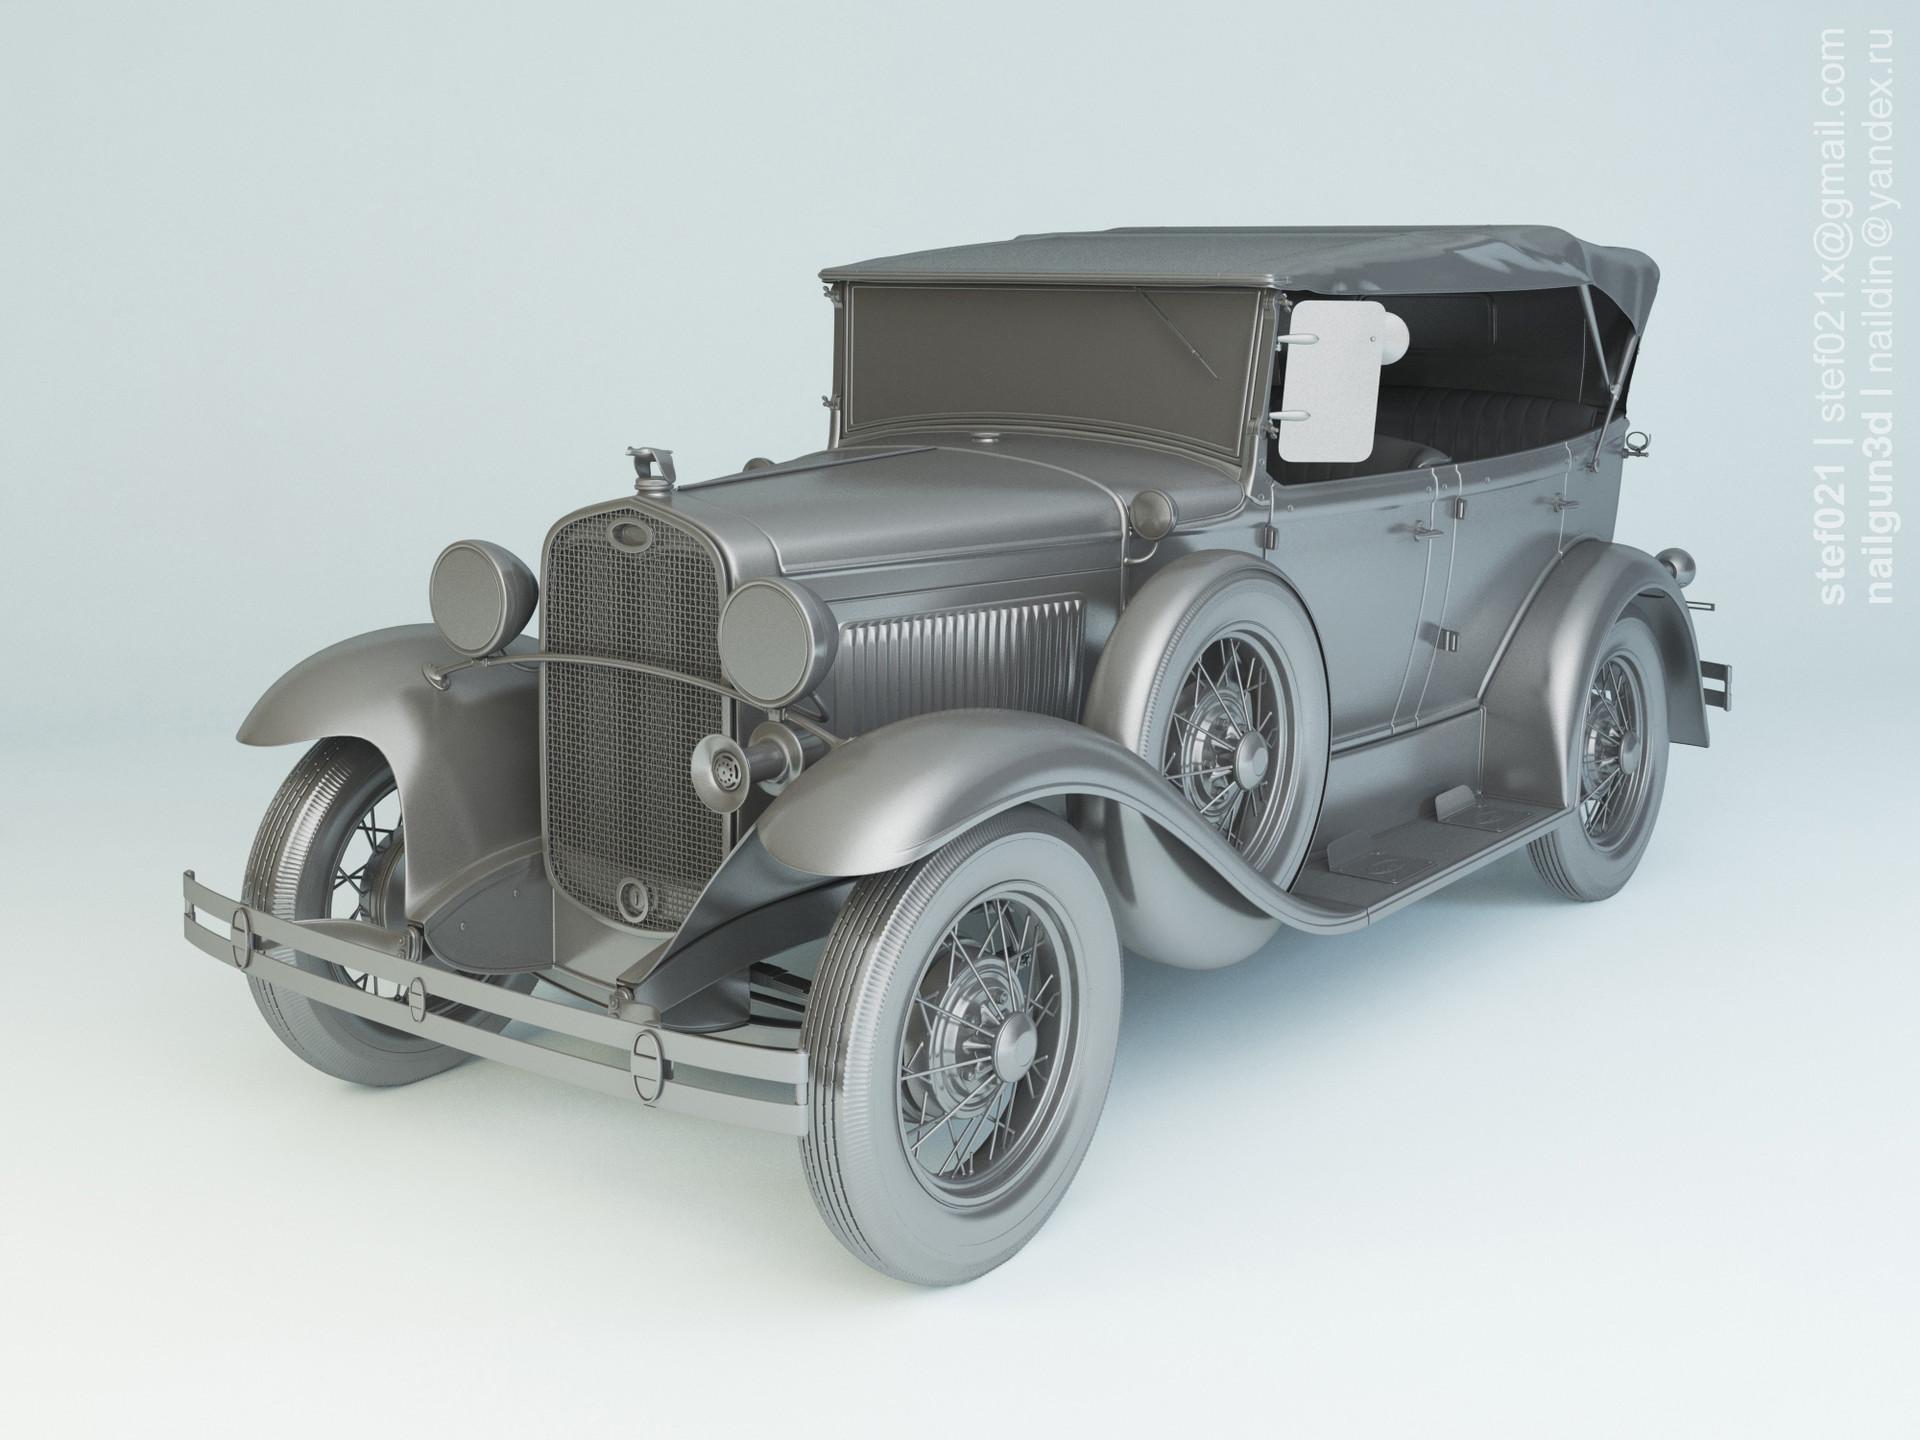 Nail khusnutdinov a0006 ford a phaeton 1931 clay 0